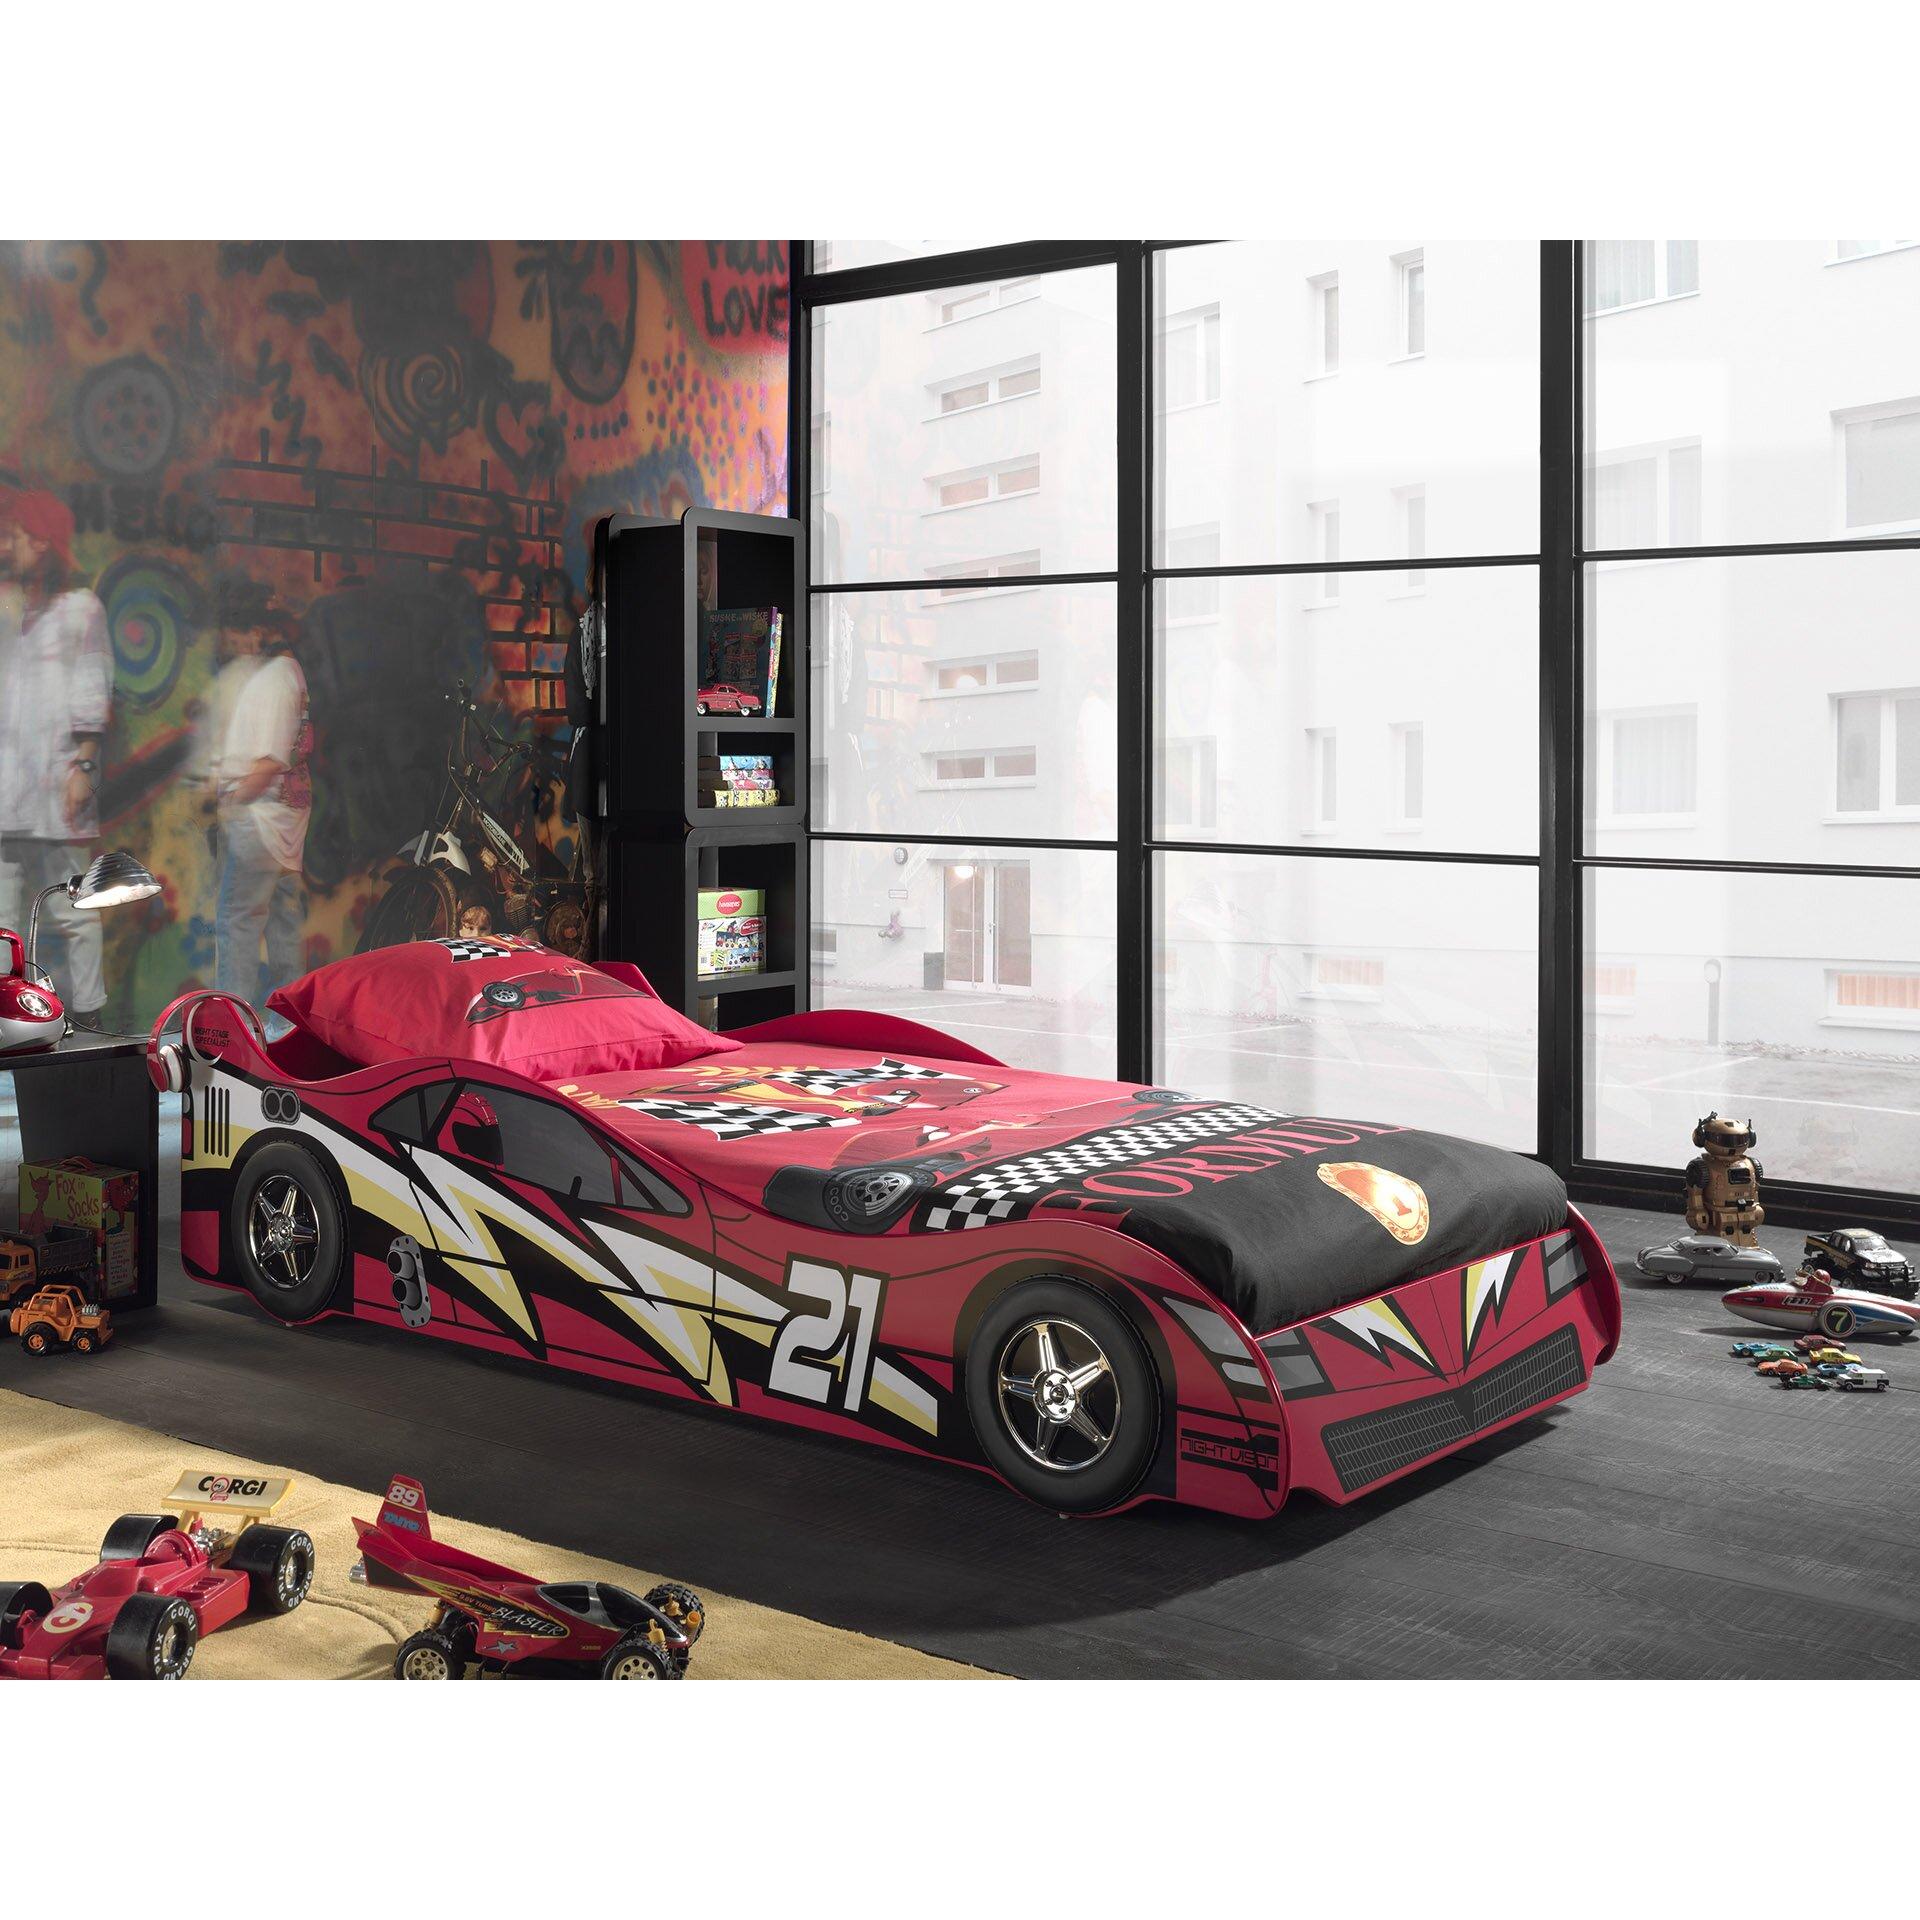 Cars Bett 90x200: Vipack Autobett Sport Car, 90 X 200 Cm